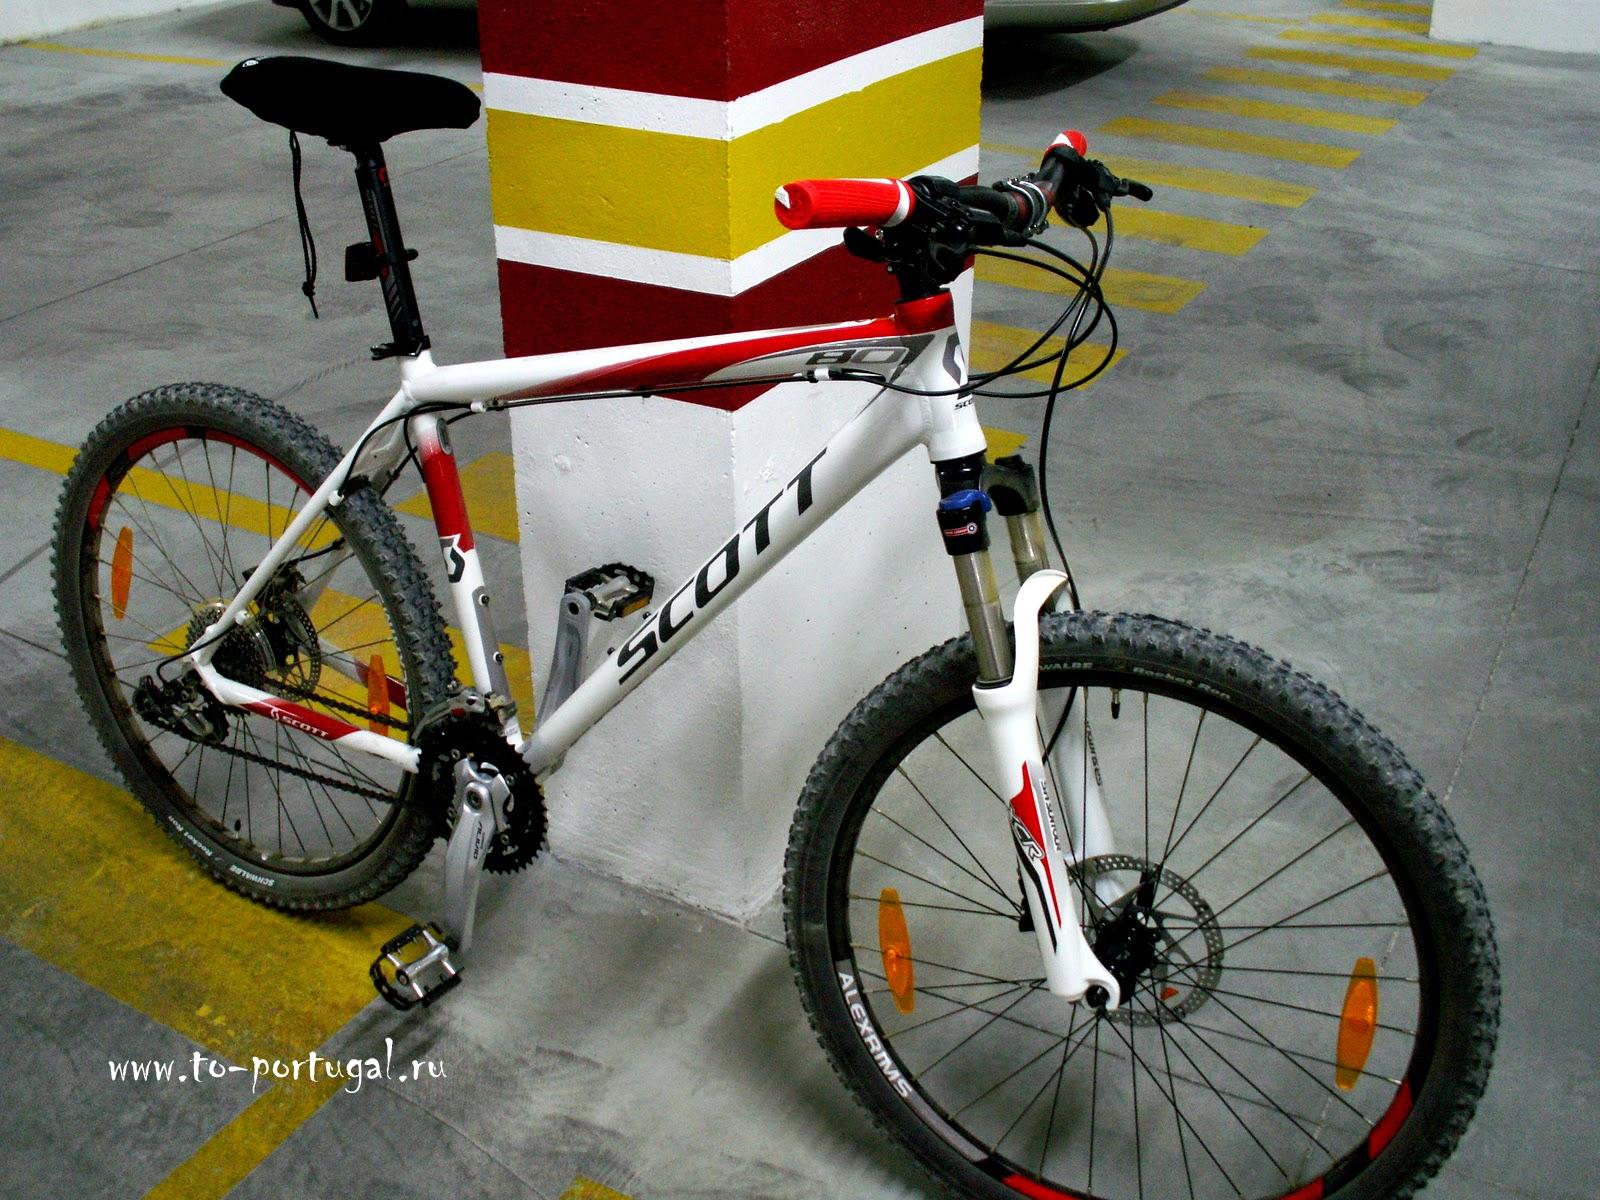 где купить велосипед в Португалии, где кататься на велосипеде в Португалии